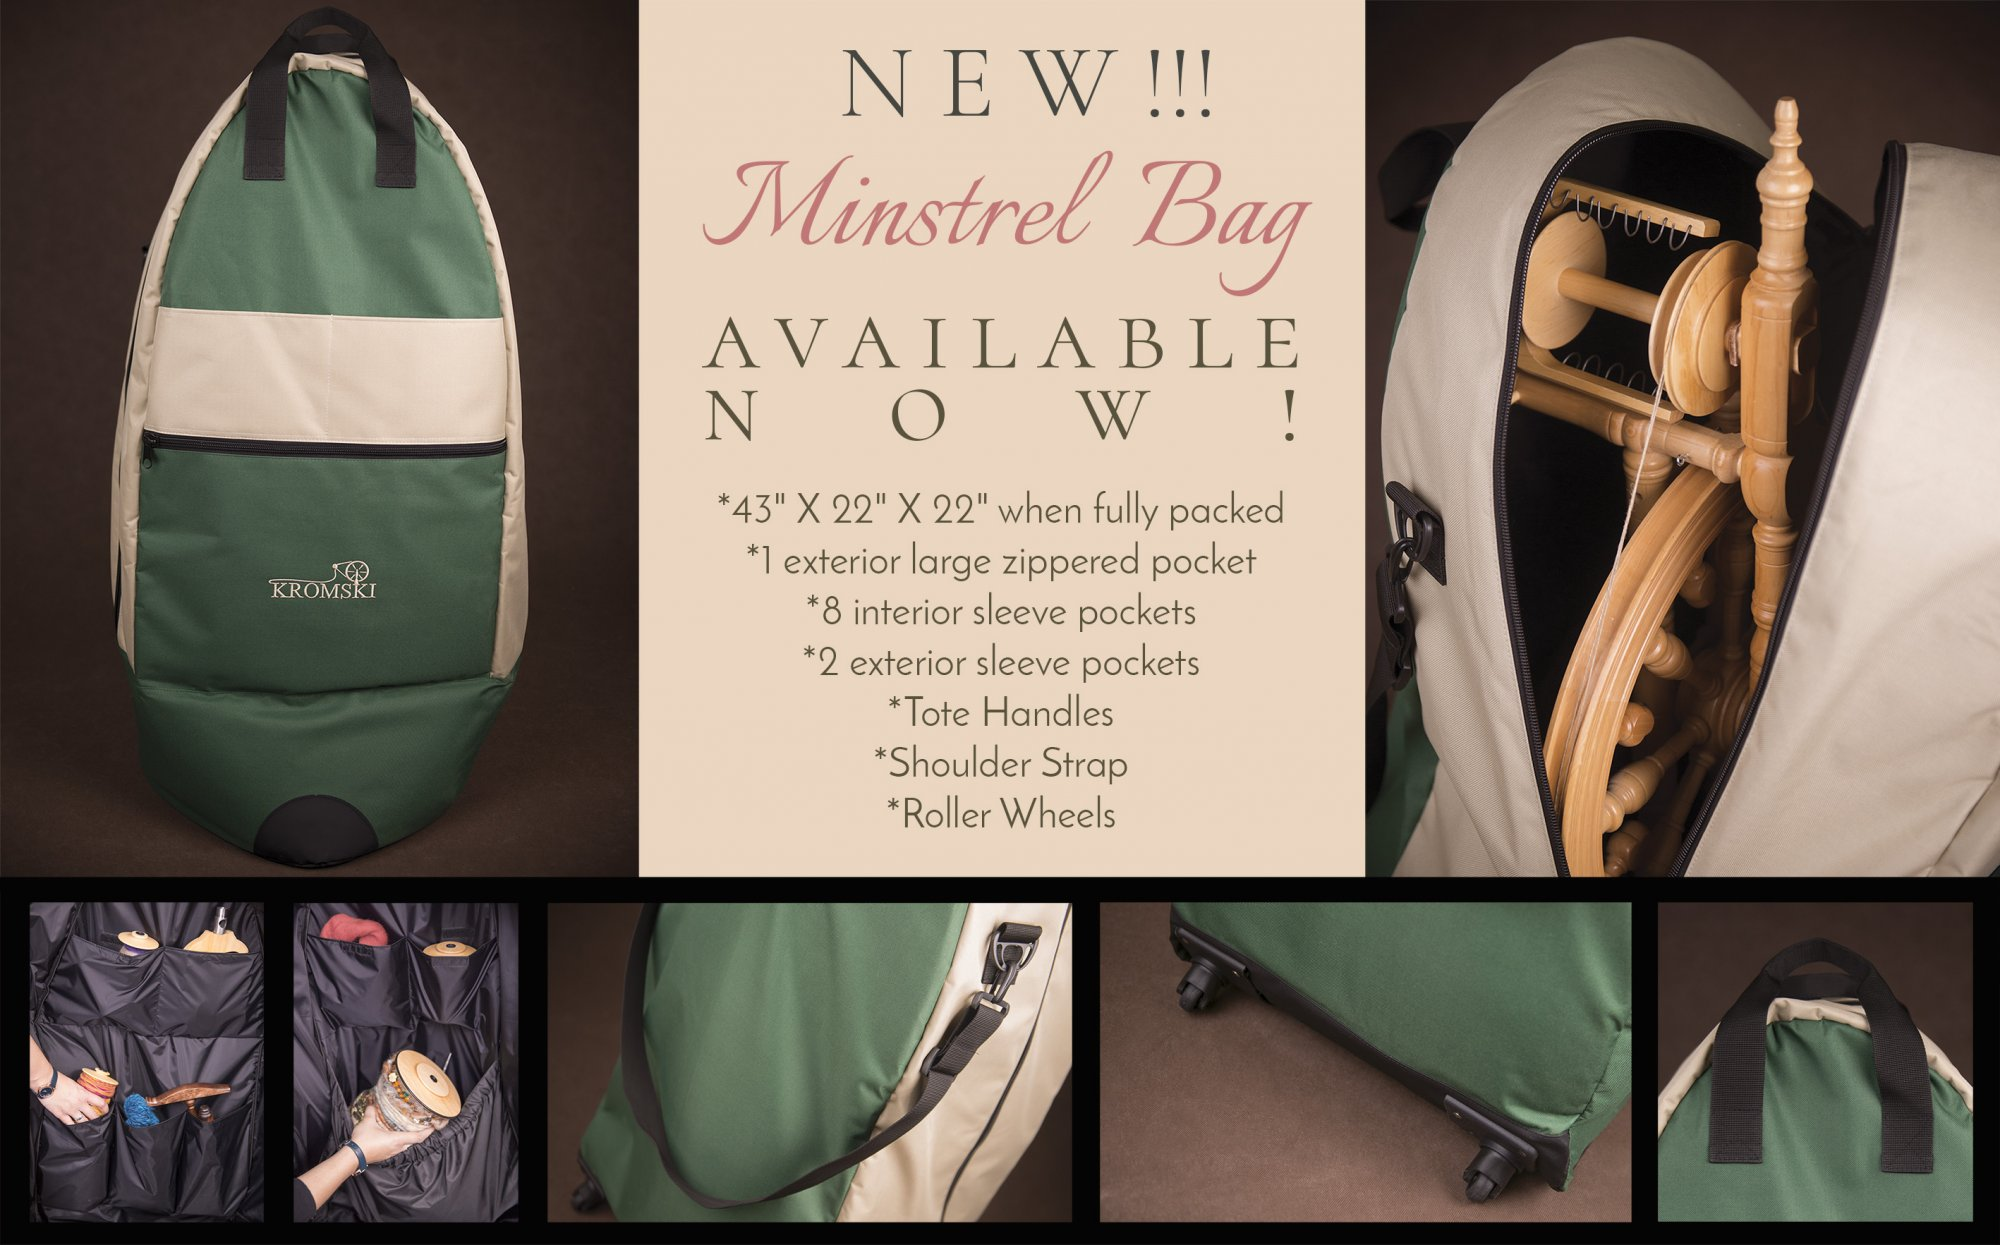 Kromski Carry Bag for Minstrel